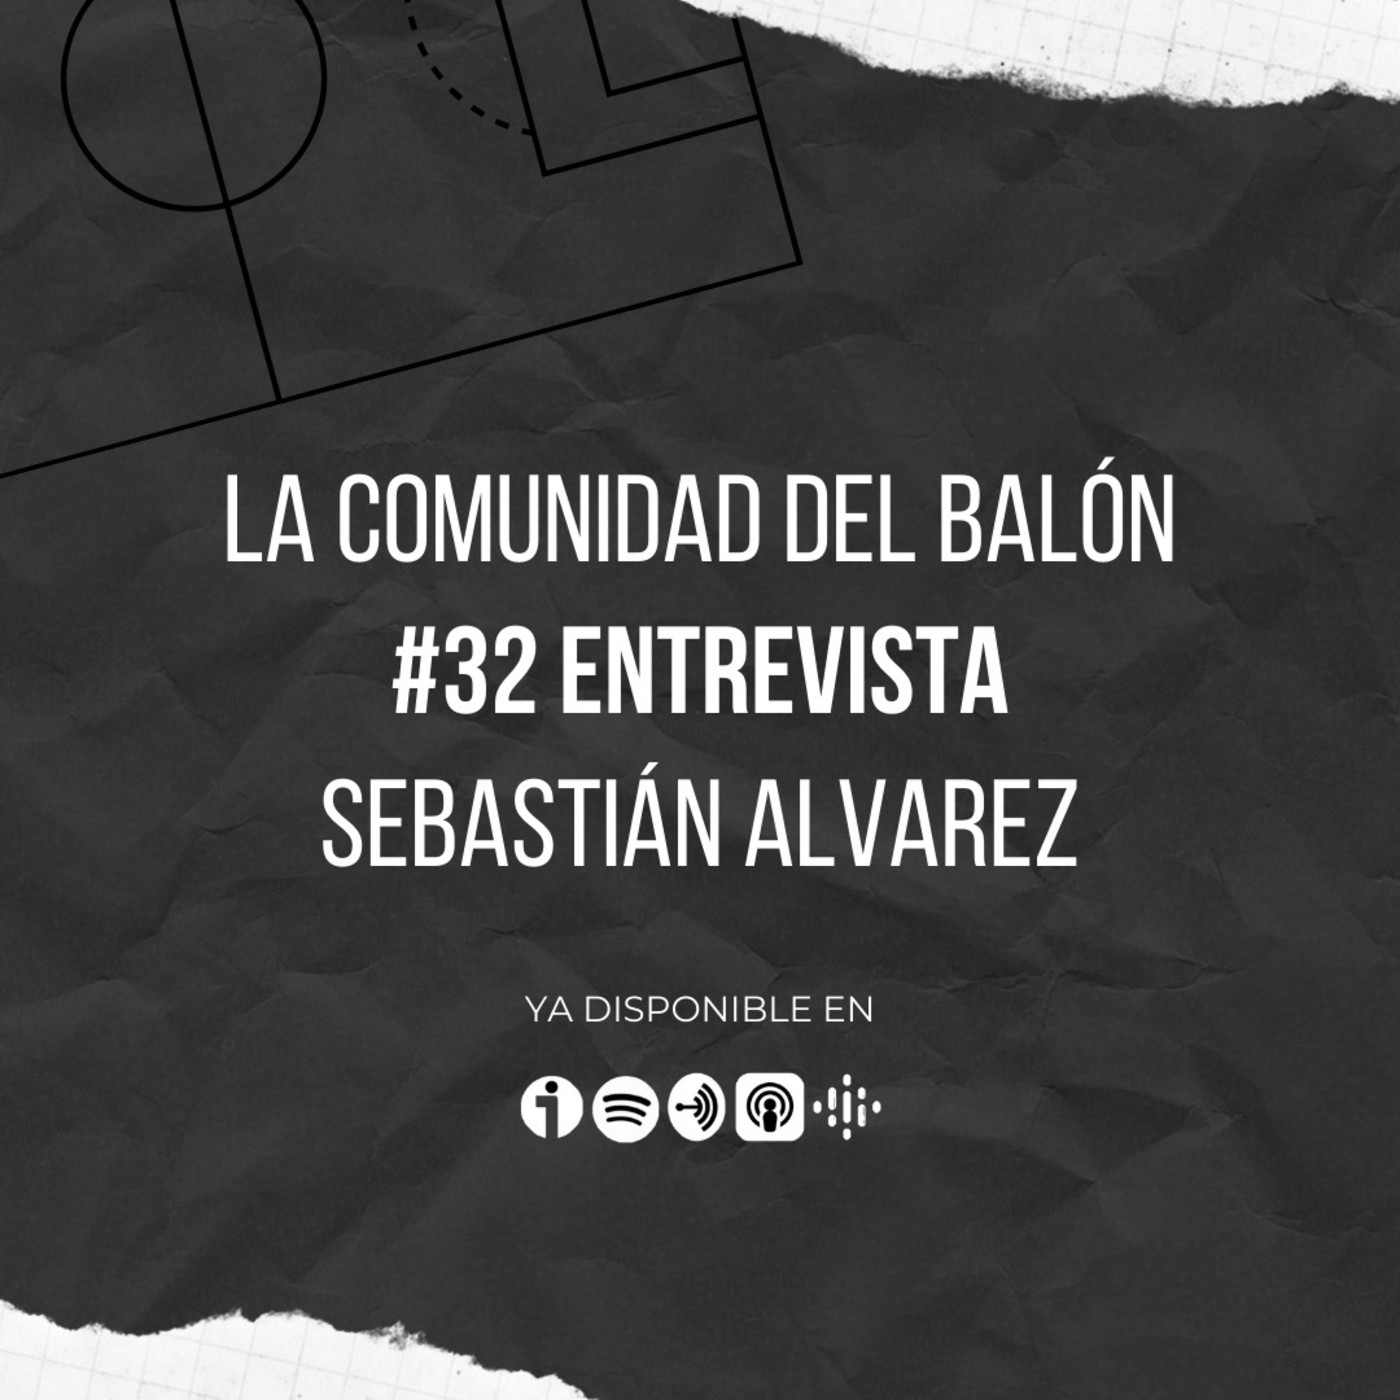 #32 Entrevista a Sebastián Álvarez